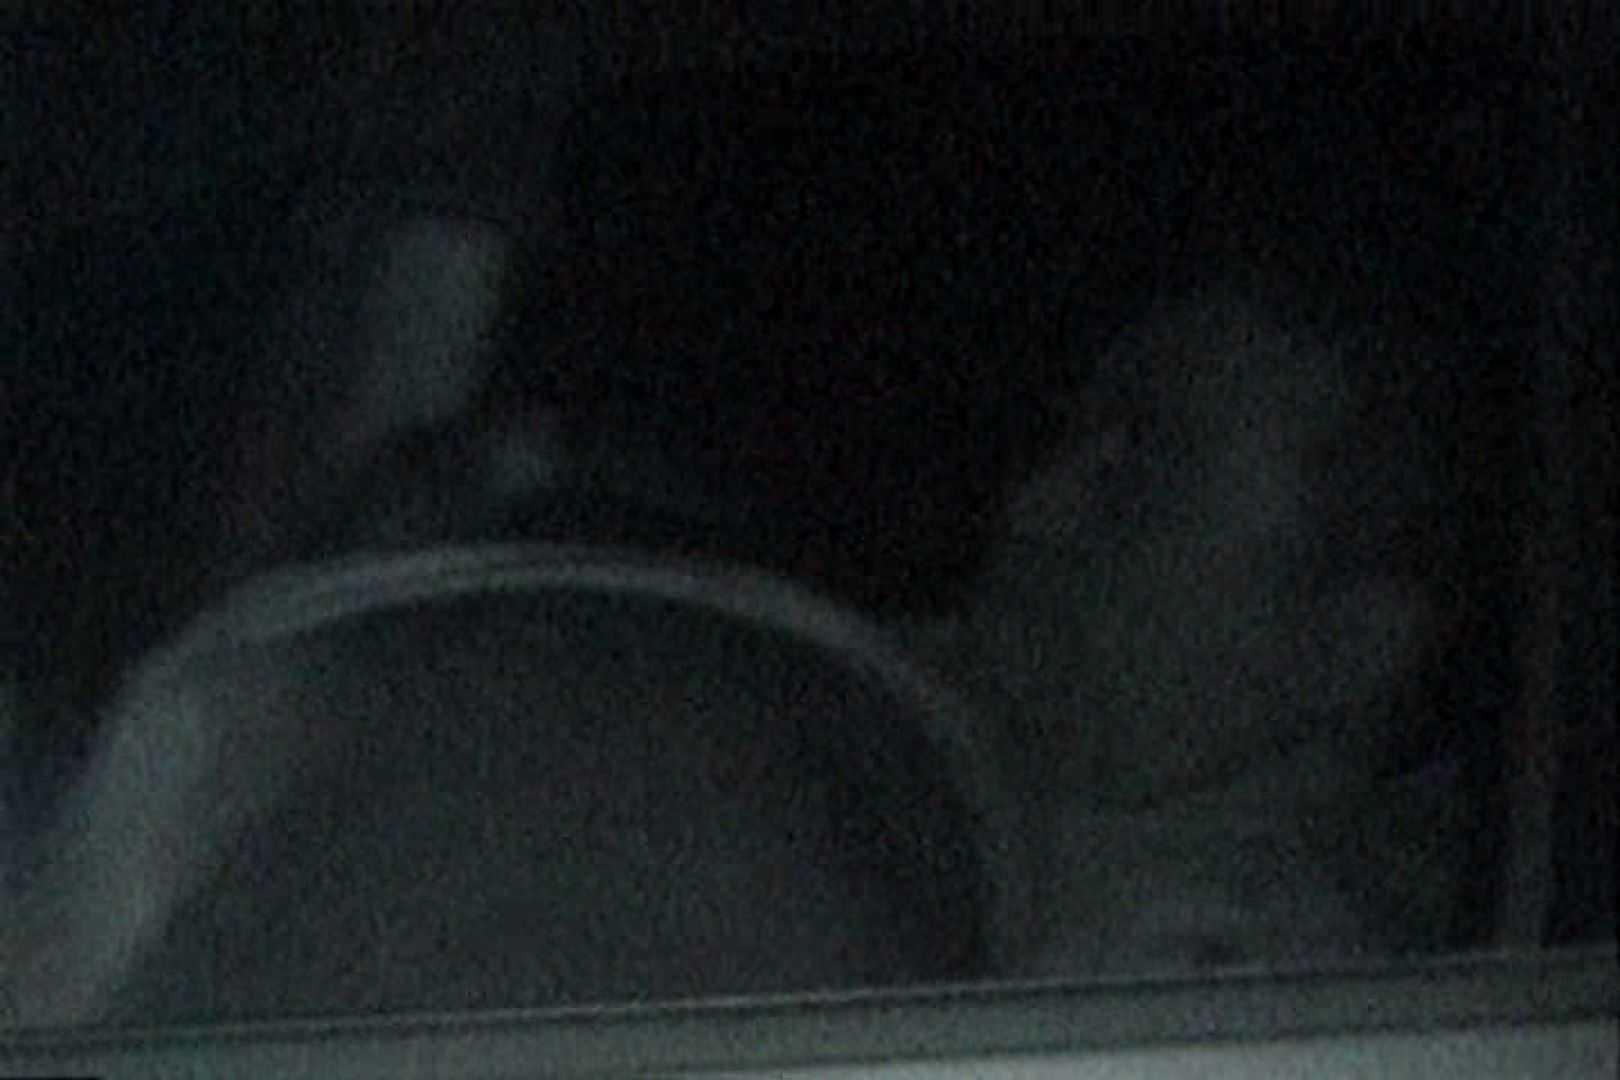 充血監督の深夜の運動会Vol.140 エロティックなOL エロ無料画像 71画像 14